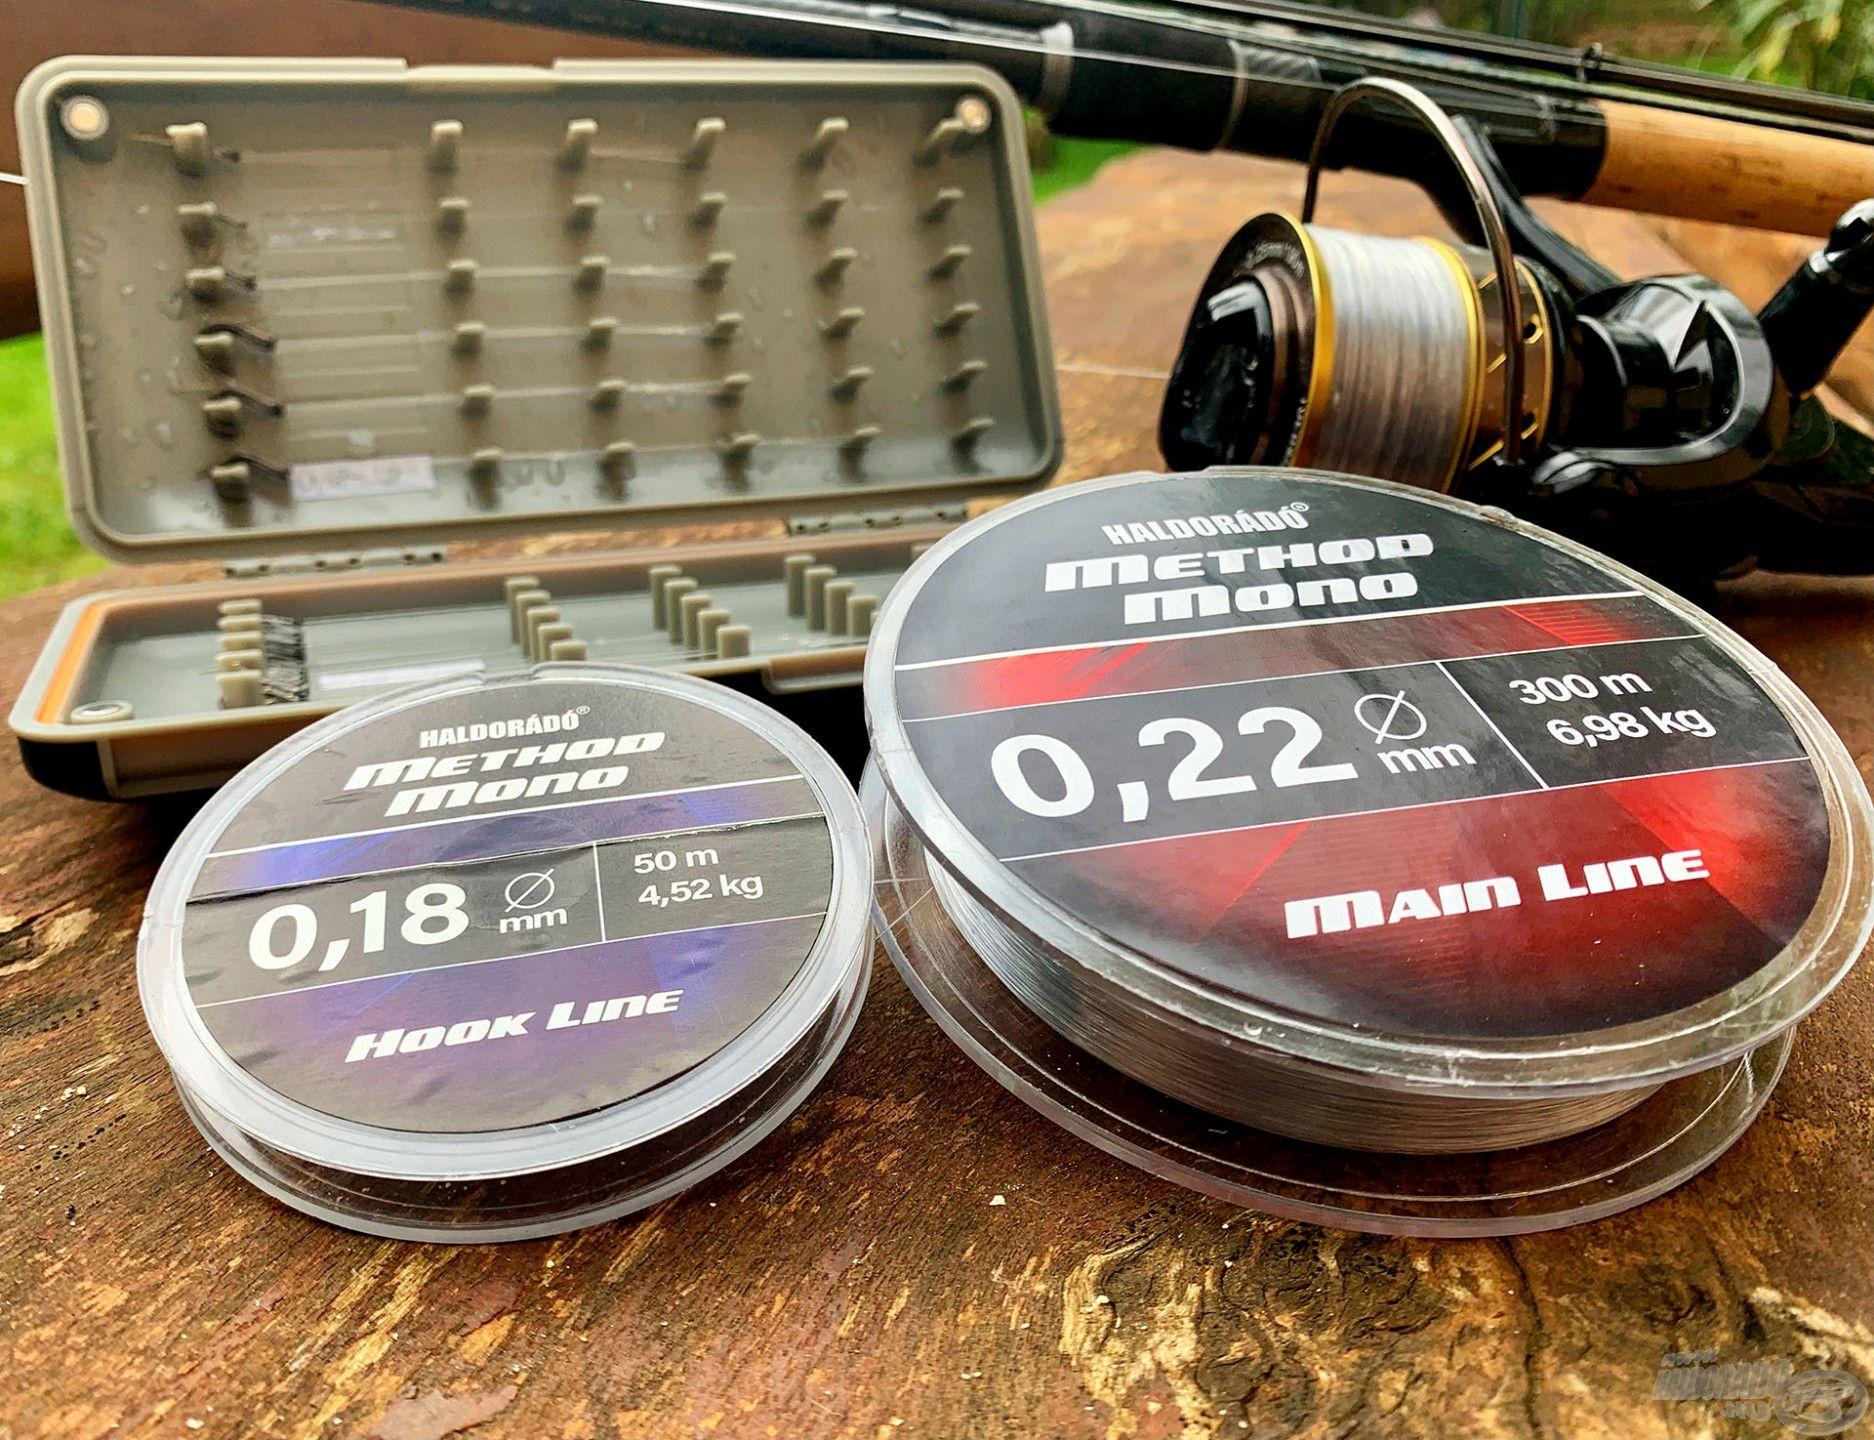 Mindkét versenyző Haldorádó Method Mono Main Line 0,22 mm-es főzsinórt és Method Mono Hook Line 0,18 mm-es előkezsinórt használt